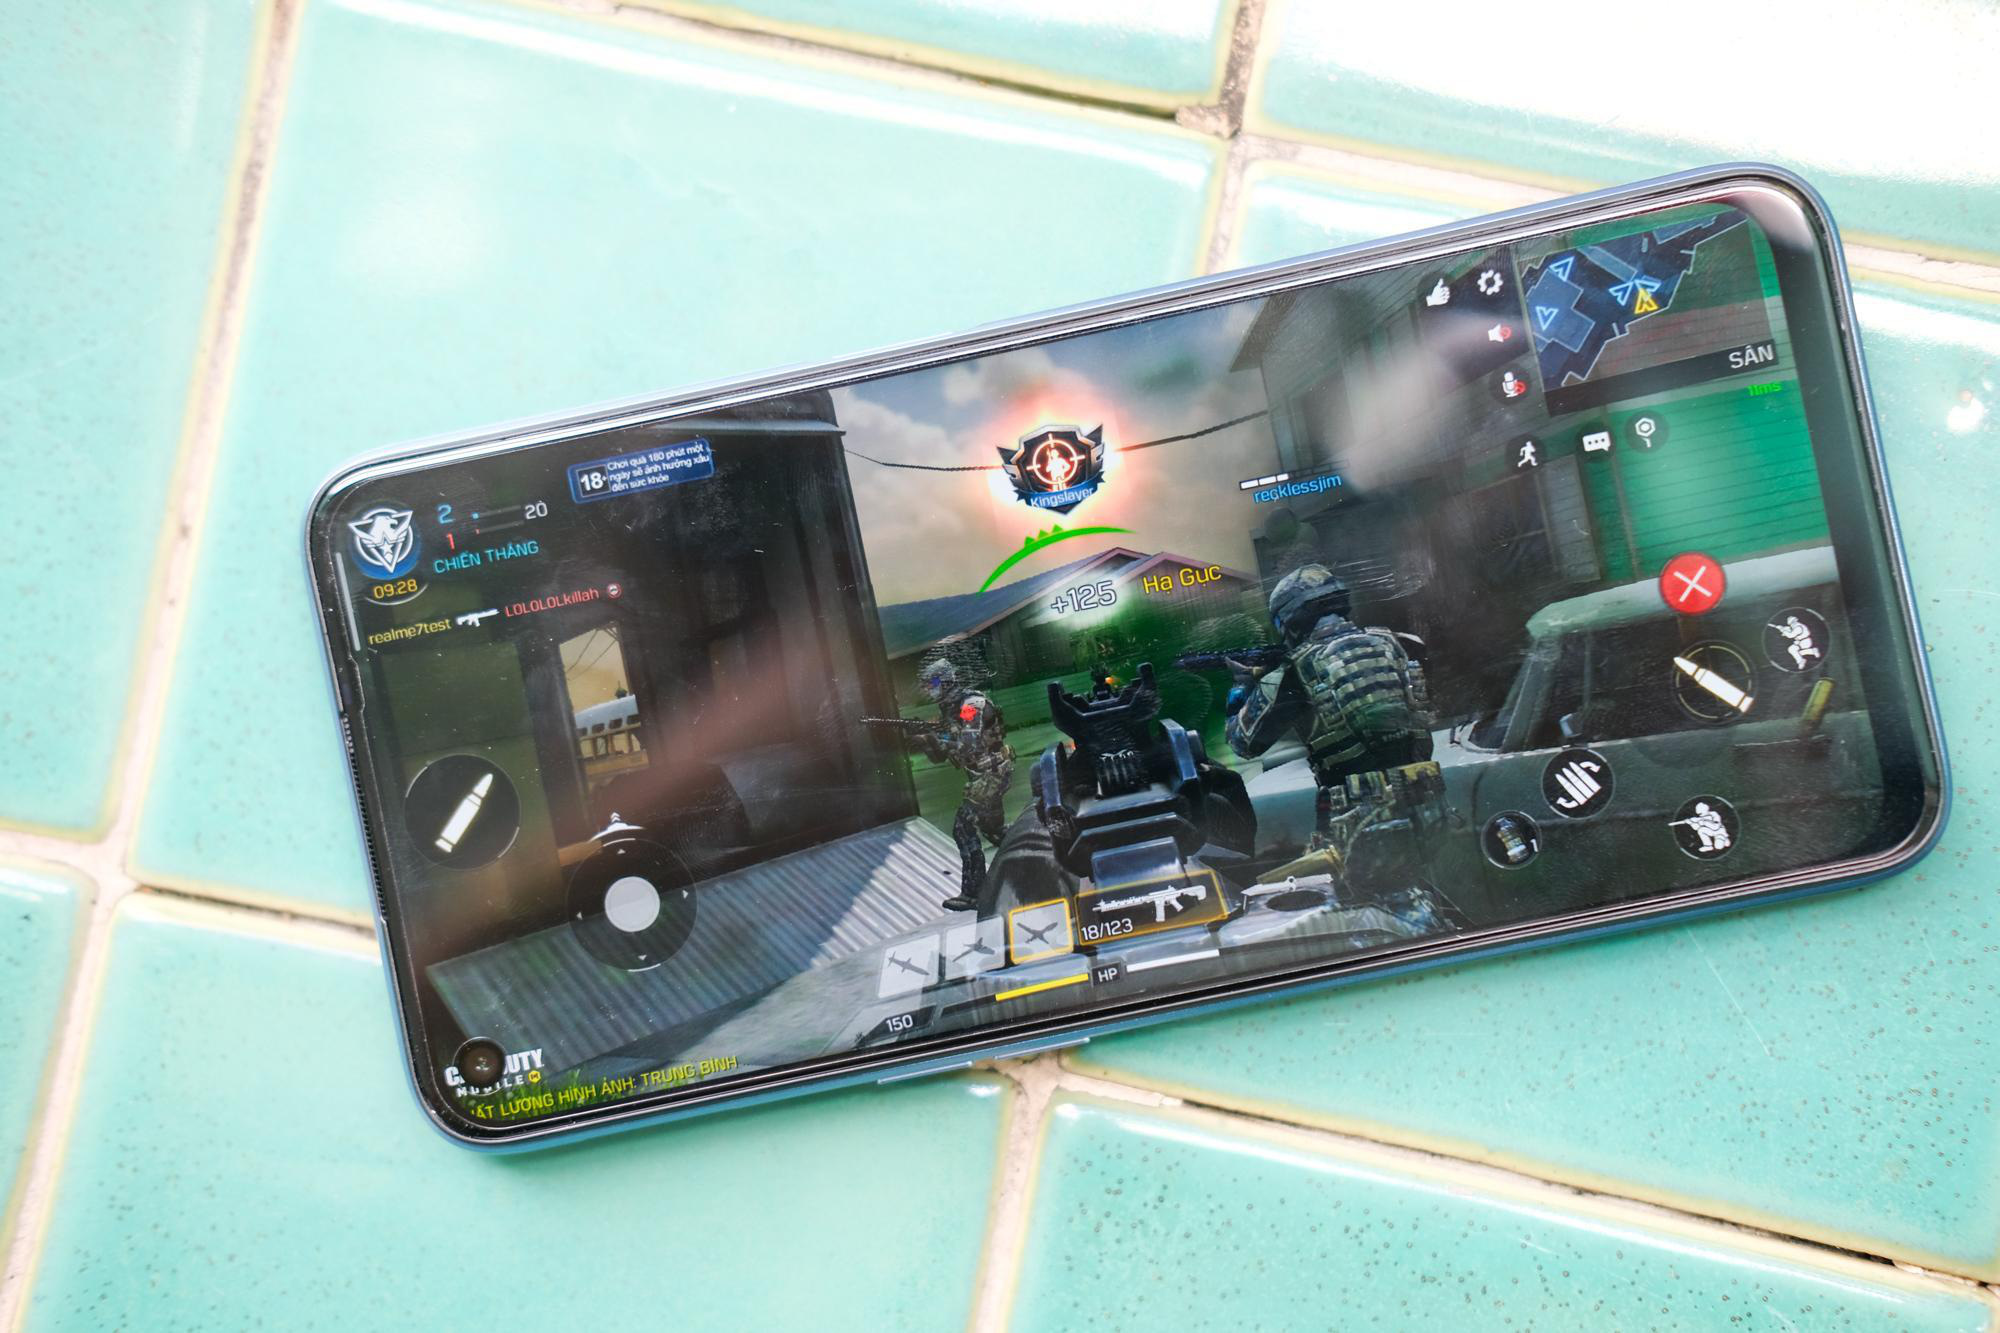 Đánh giá Realme 7: Hiệu năng mạnh mẽ, camera nhiều tính năng nổi bật - Ảnh 7.